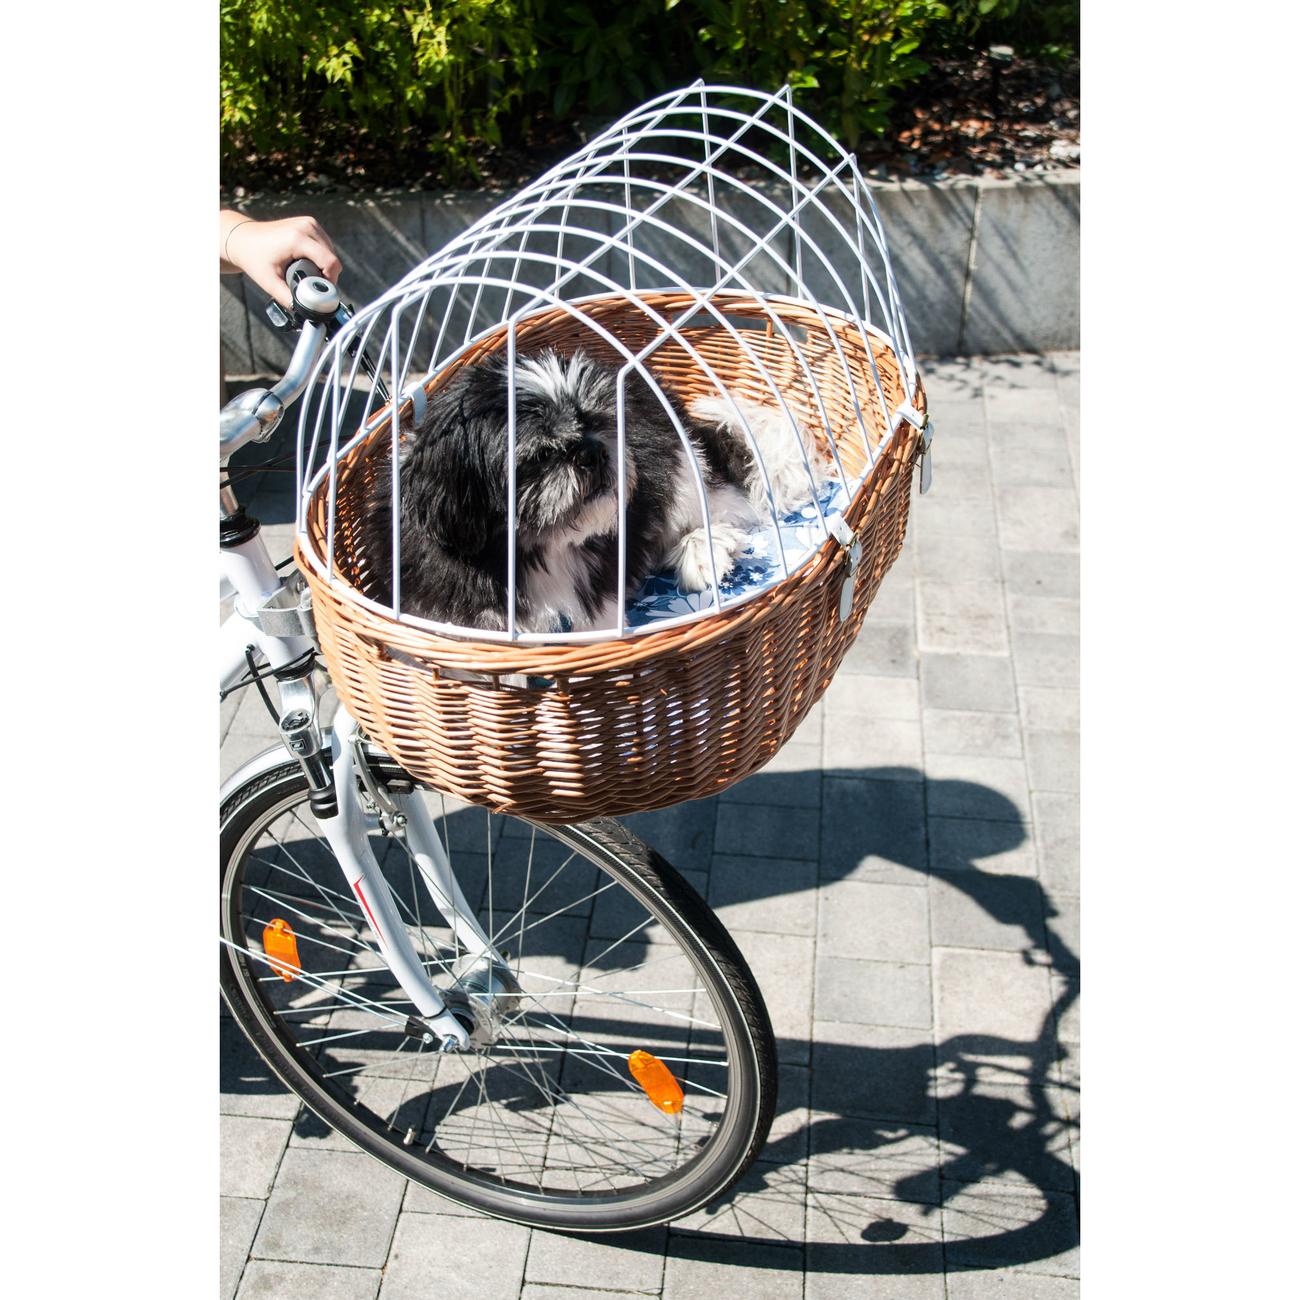 Aumüller Hundefahrradkorb Steuerkopfmontage vorne von Aumüller, Bild 5